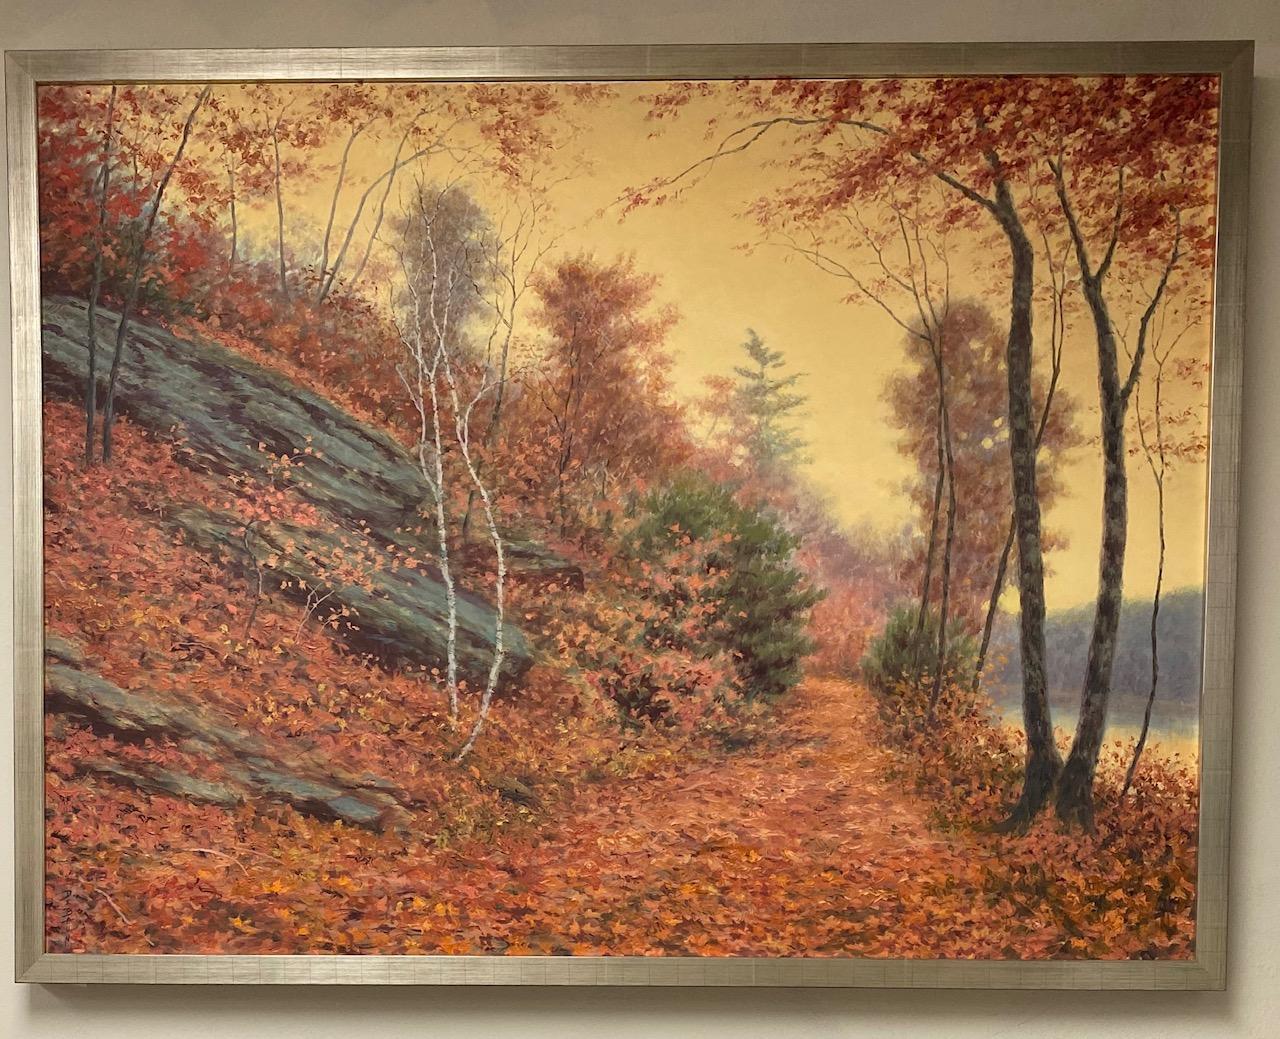 In the Still of Autumn, original 36x48 realistic landscape